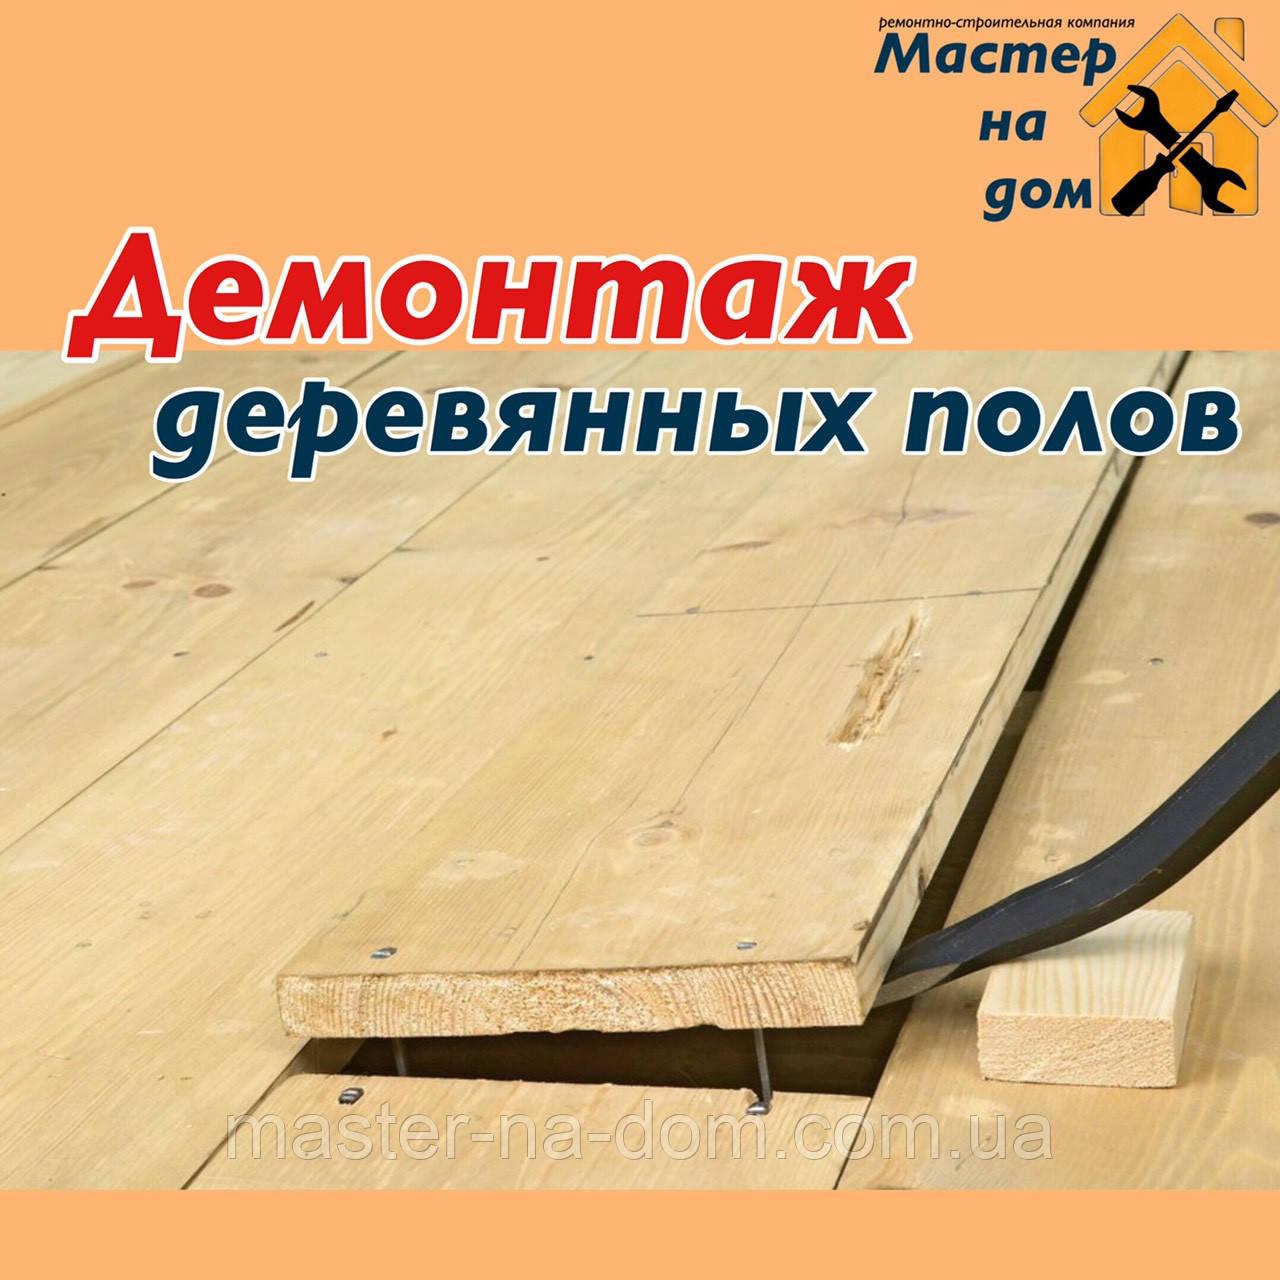 Демонтаж деревянных,паркетных полов в Николаеве